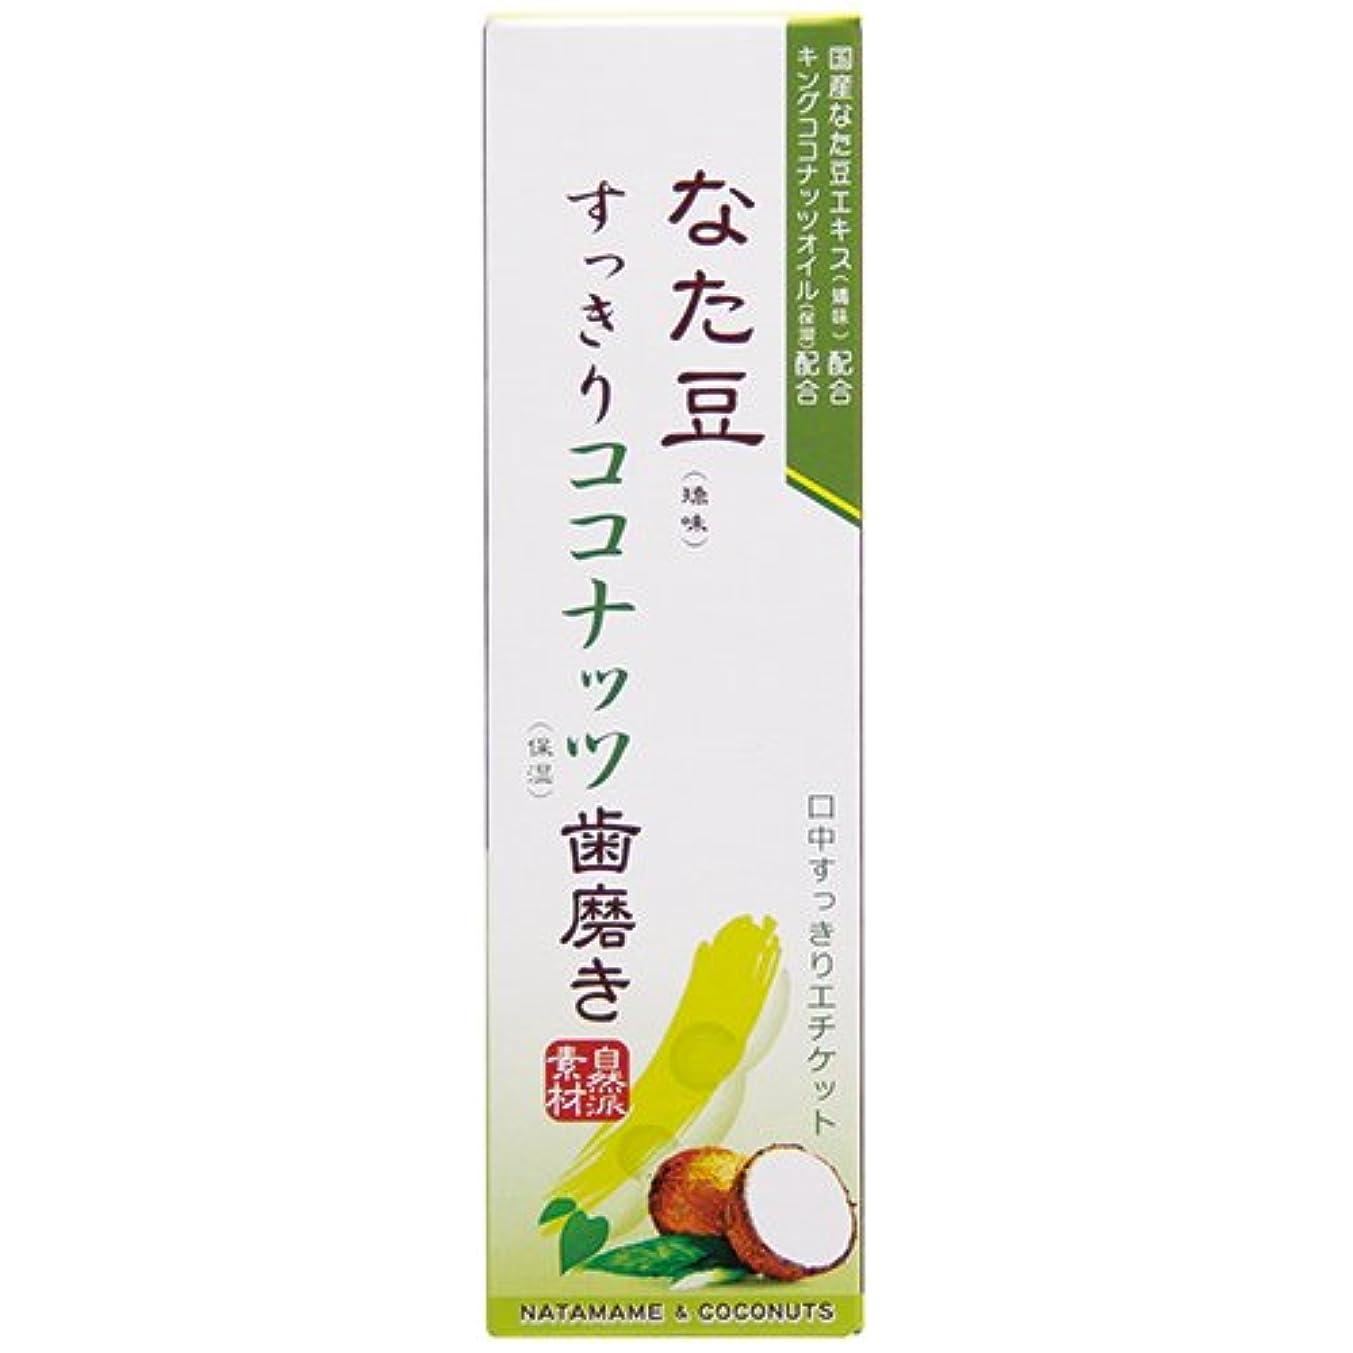 アスリート巻き戻す豆腐なた豆すっきりココナッツ歯磨き粉 120g